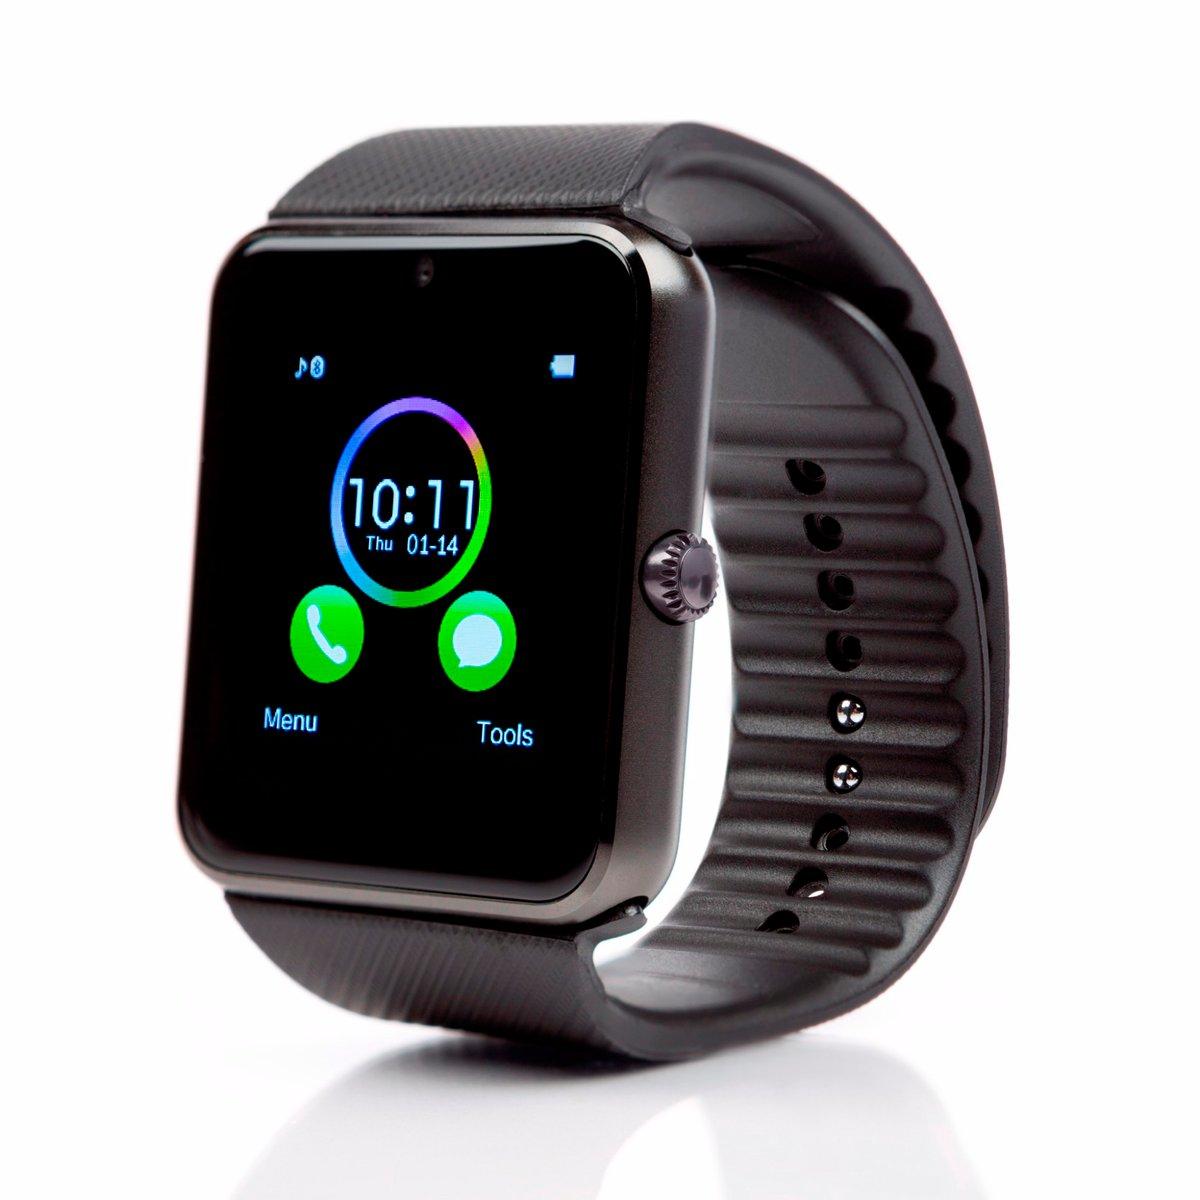 Часы функционируют на видоизмененном андроид, версия которого нигде не объявляется.